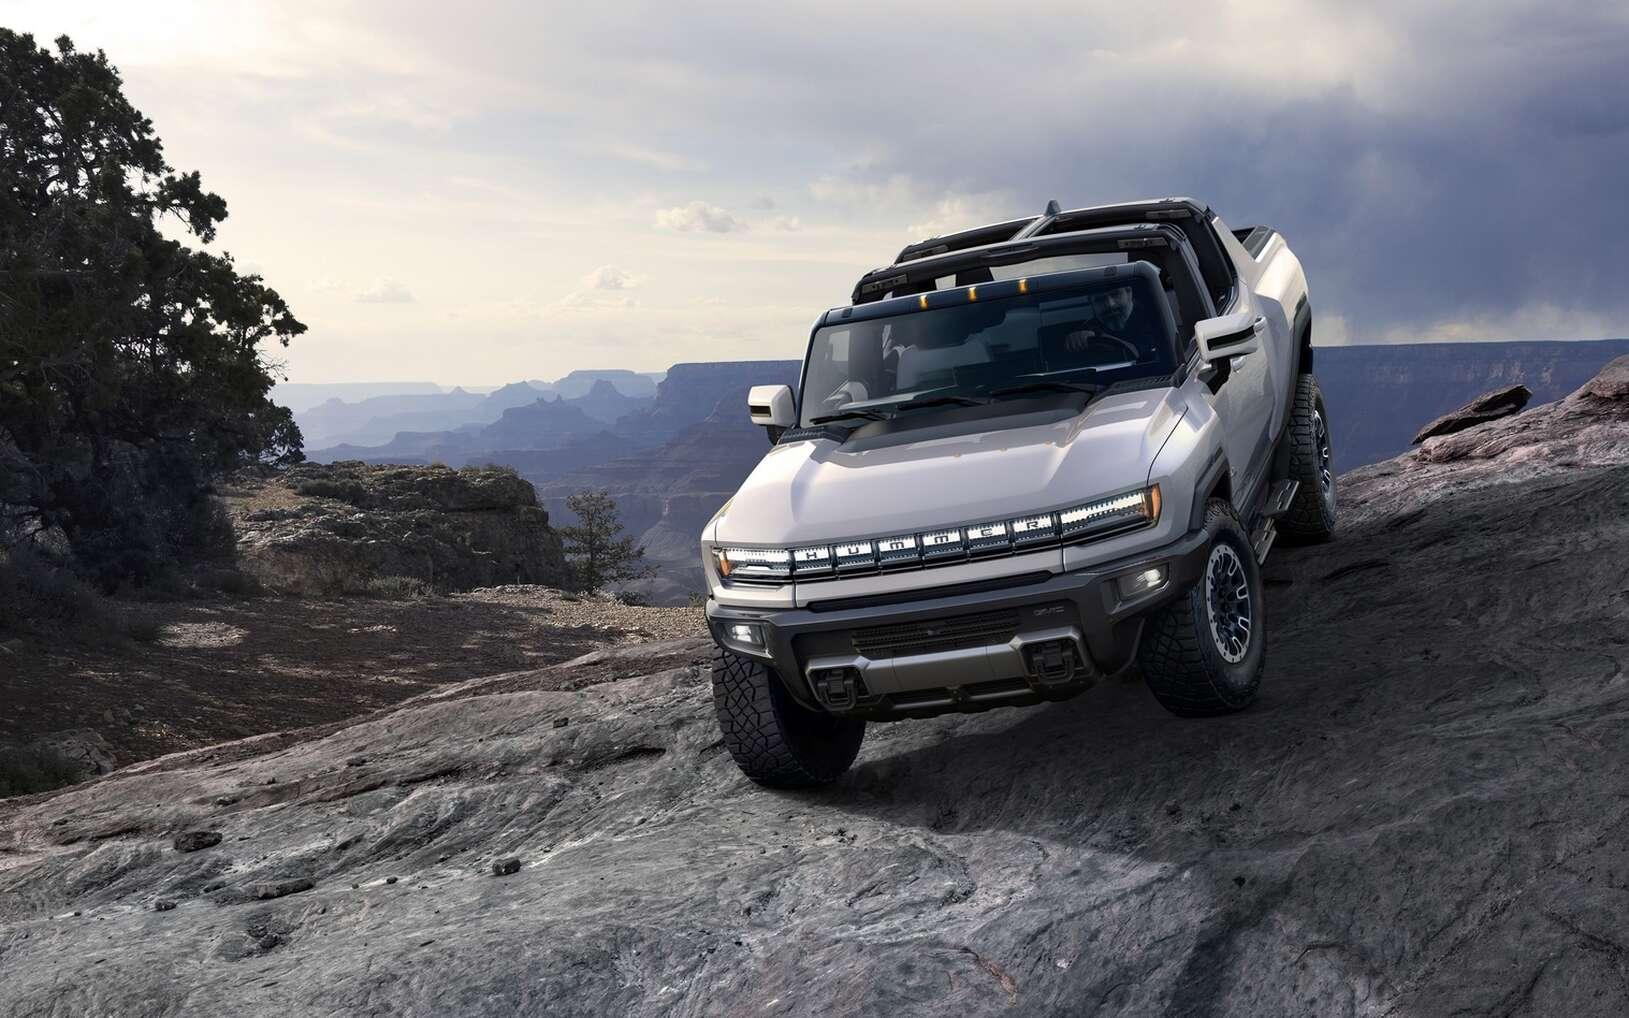 Le Hummer EV est esthétiquement très proche du Hummer à essence produit dans les années 1990. © General Motors